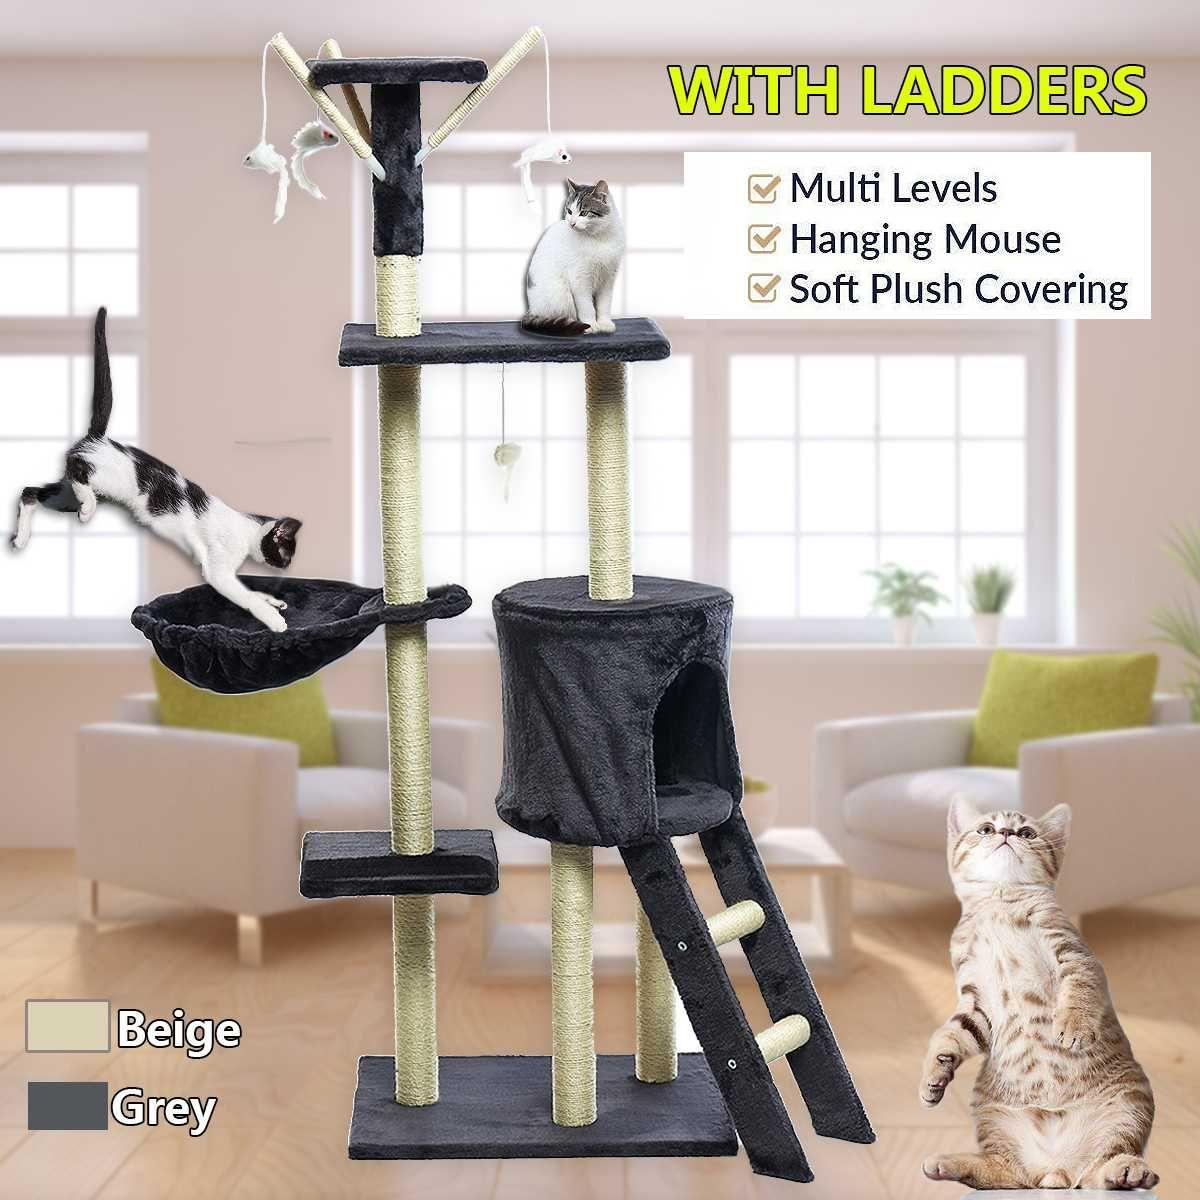 Katze Klettergerüst Grau Beige Katze Kratzen Post Baum Scratcher Pol Möbel Turnhalle Haus Spielzeug Katze Springen Plattform 50*35*140 cm